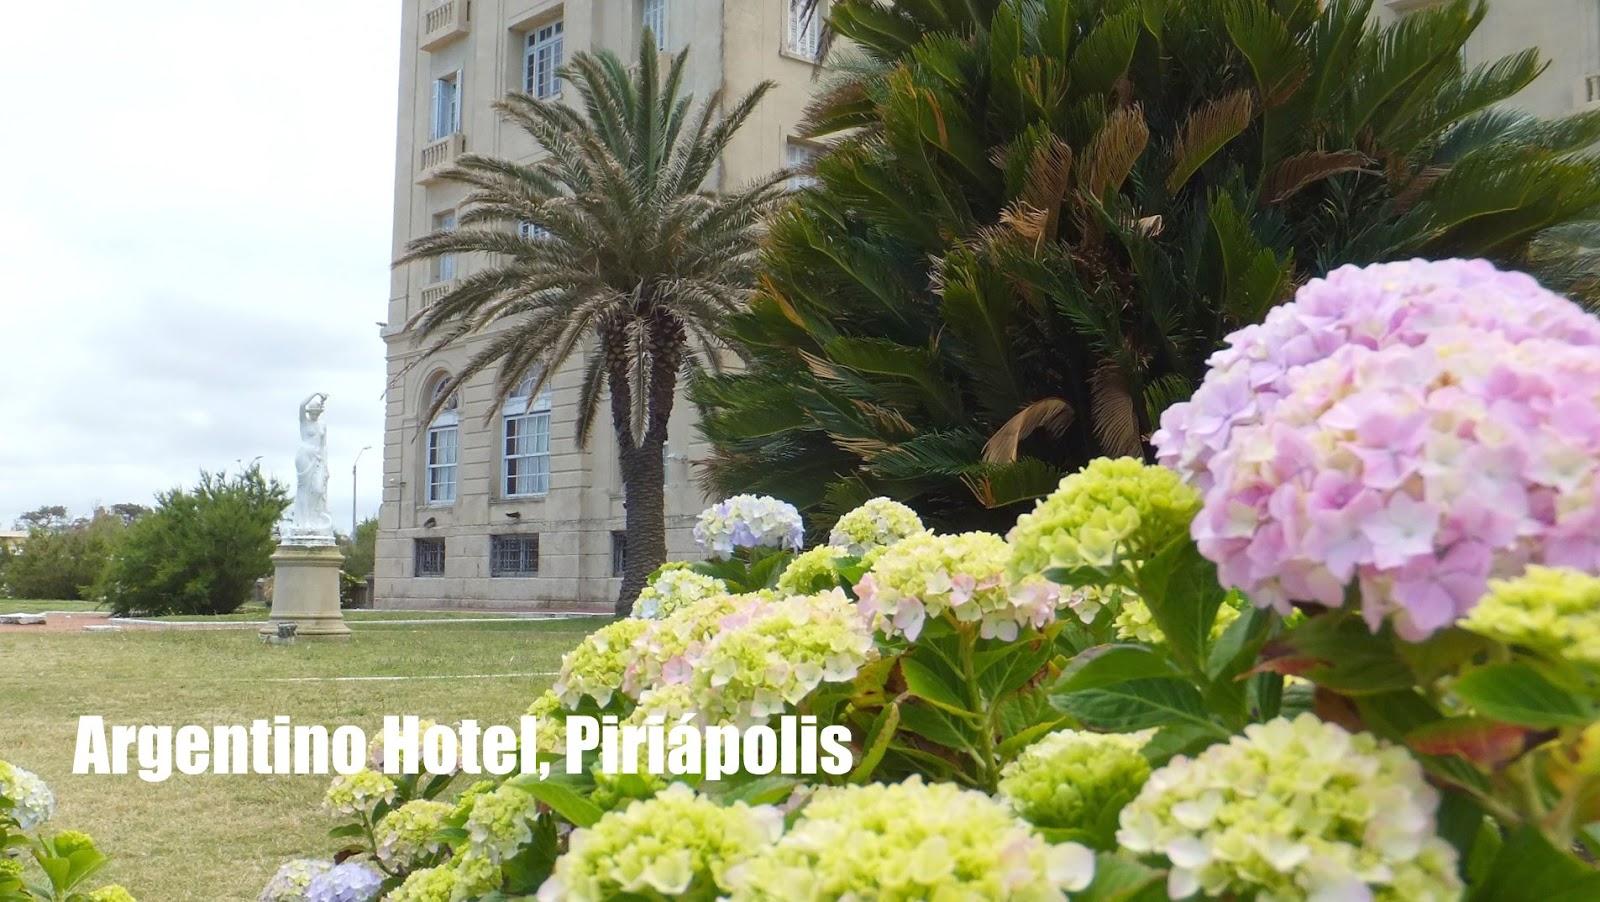 Argentino Hotel en Piriápolis, la antigua elegancia de Uruguay